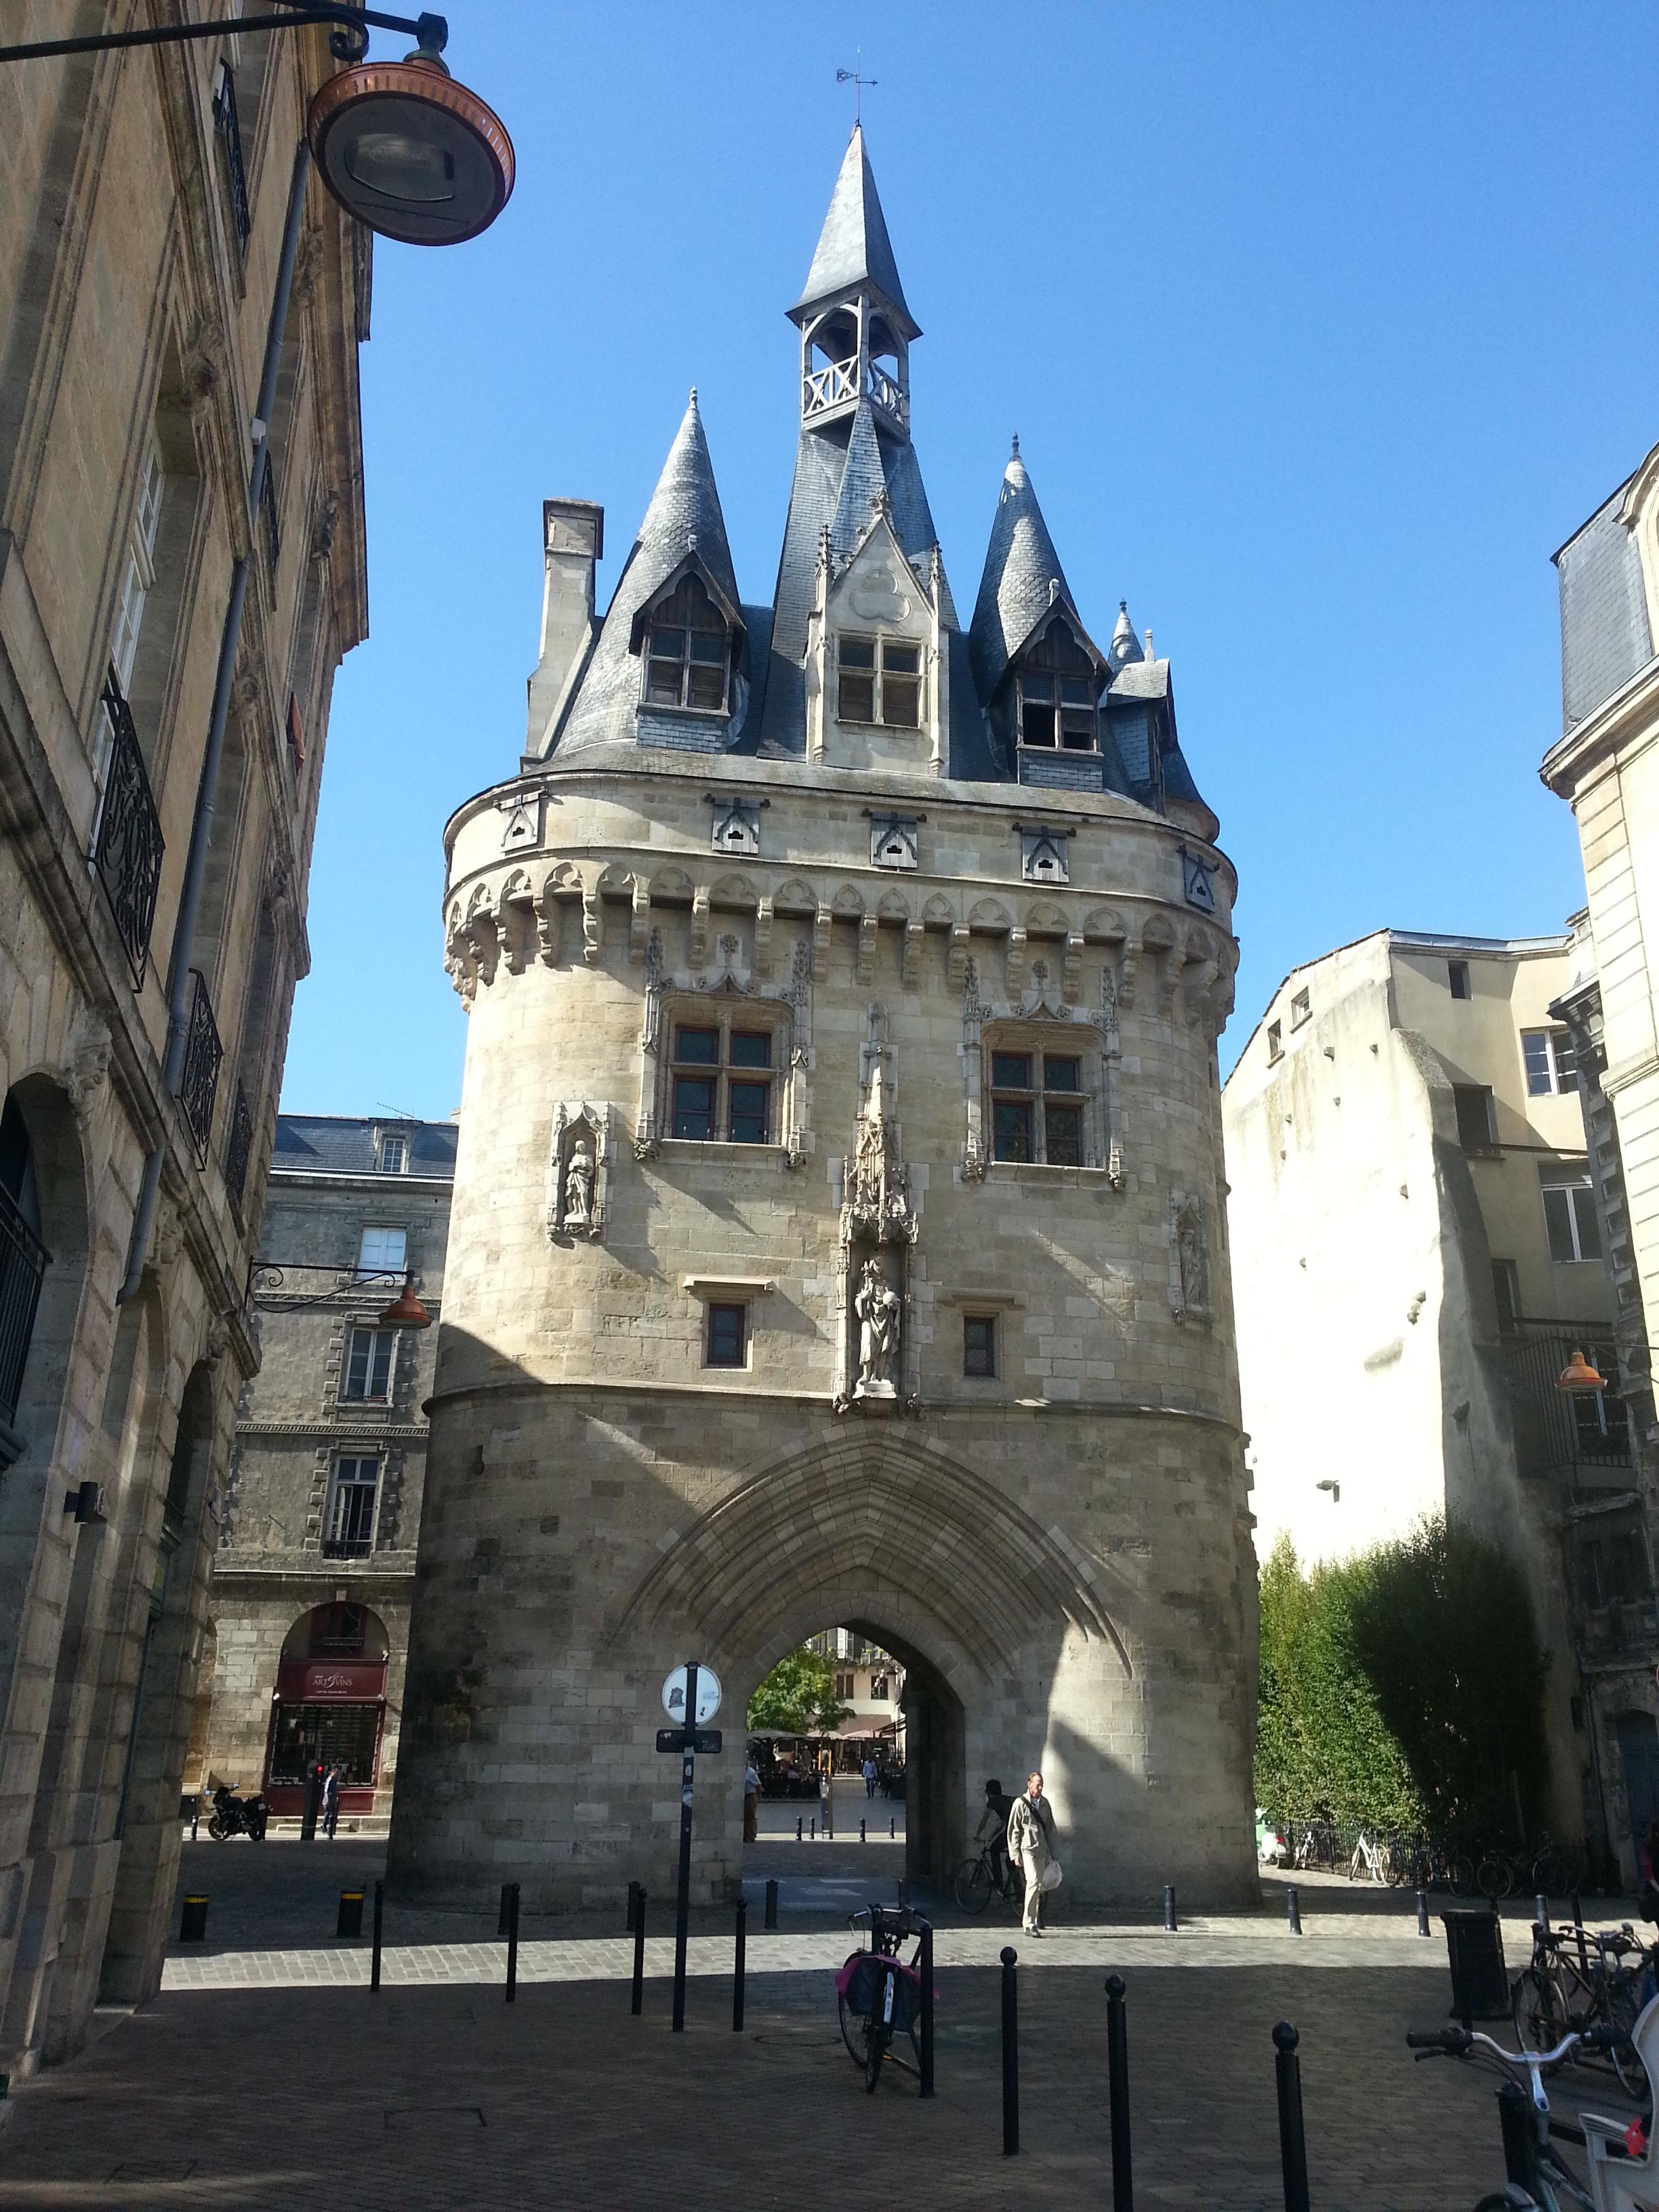 La belle bordeaux journey with me too for Porte cailhau